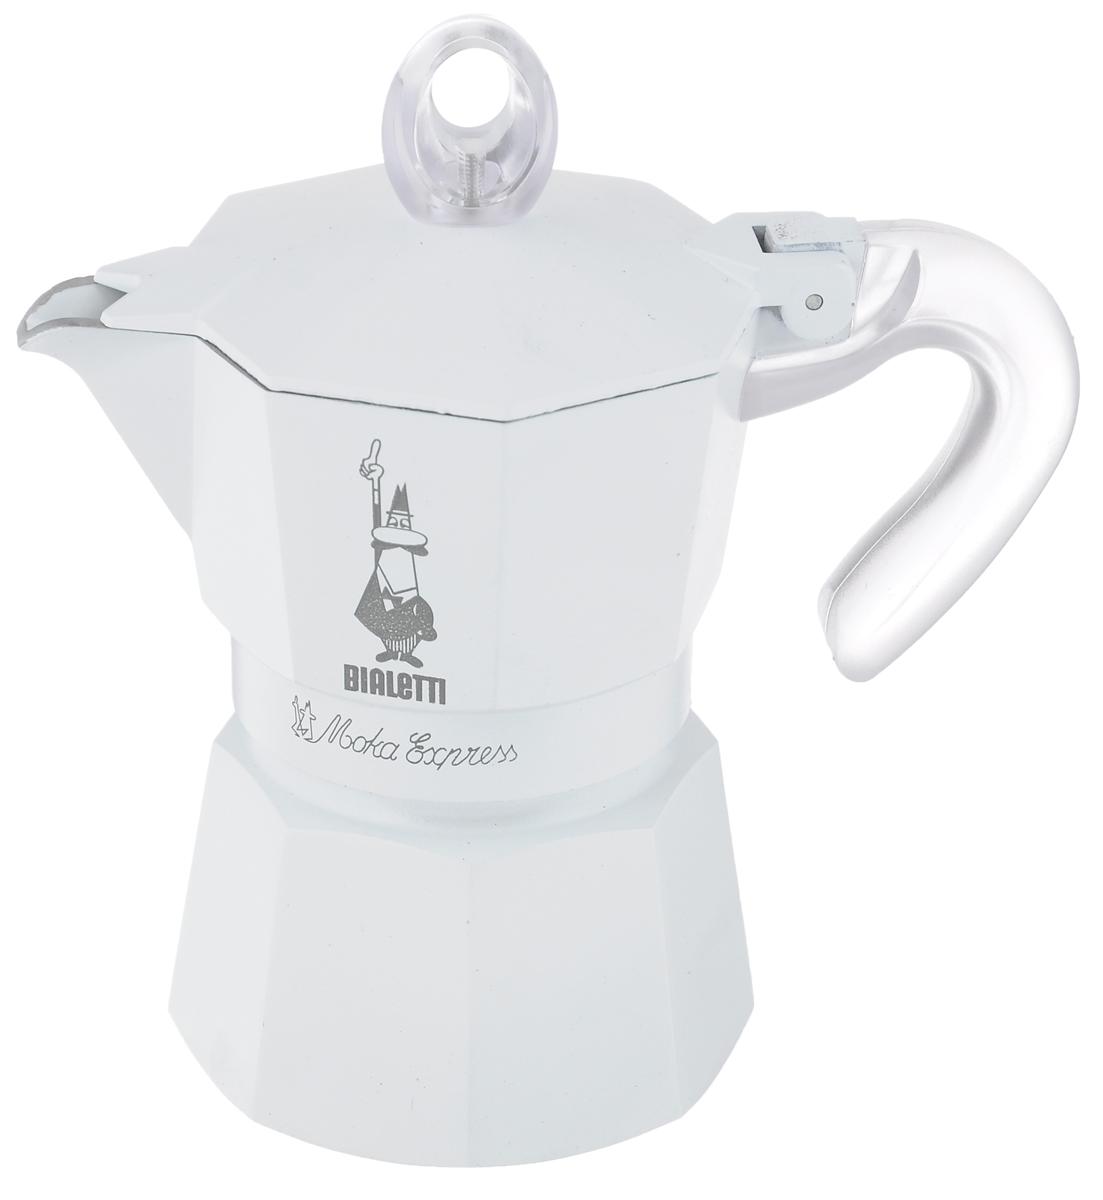 Кофеварка гейзерная Bialetti Moka Glossy, цвет: белый, на 3 чашки3052Компактная гейзерная кофеварка Bialetti Moka Glossy изготовлена из высококачественного алюминия. Объема кофе хватает на 3 чашки. Изделие оснащено удобной пластиковой ручкой.Принцип работы такой гейзерной кофеварки - кофе заваривается путем многократного прохождения горячей воды или пара через слой молотого кофе. Удобство кофеварки в том, что вся кофейная гуща остается во внутренней емкости. Гейзерные кофеварки пользуются большой популярностью благодаря изысканному аромату. Кофе получается крепкий и насыщенный. Теперь и дома вы сможете насладиться великолепным эспрессо. Подходит для газовых, электрических и стеклокерамических плит. Нельзя мыть в посудомоечной машине. Высота (с учетом крышки): 17 см.